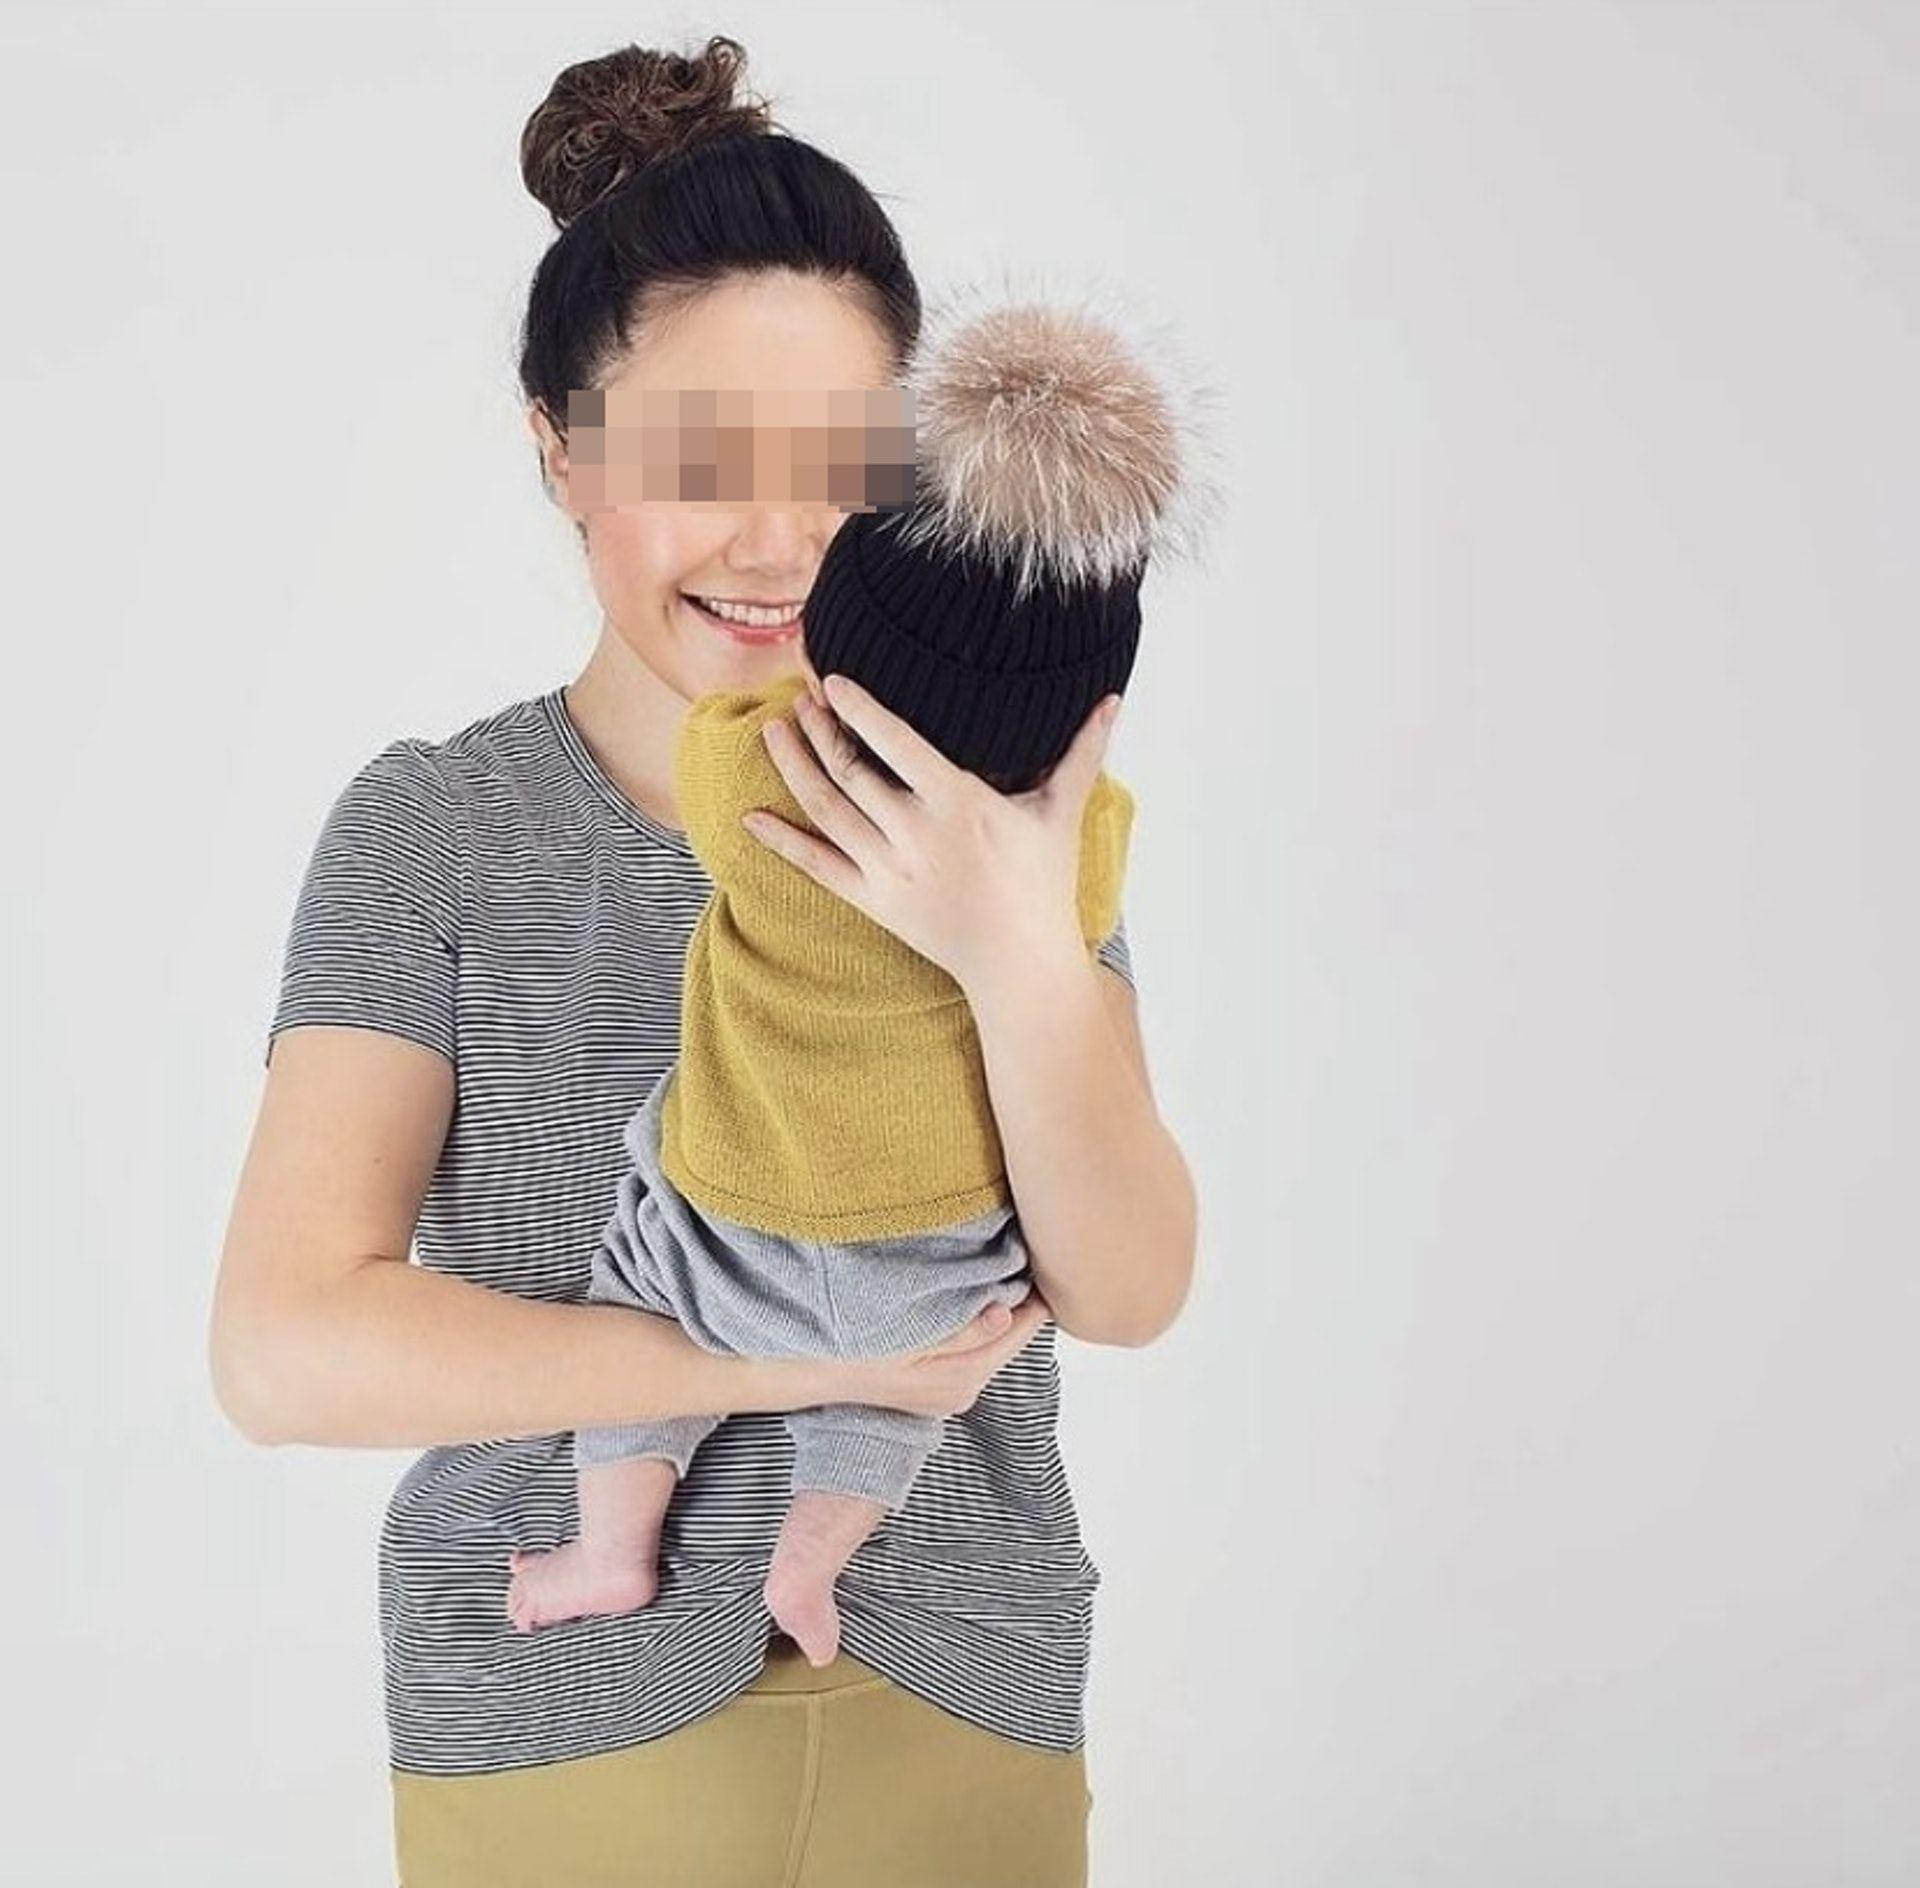 赤裸抱5个月女儿跳楼自杀 香港名媛罗力力背景曝光